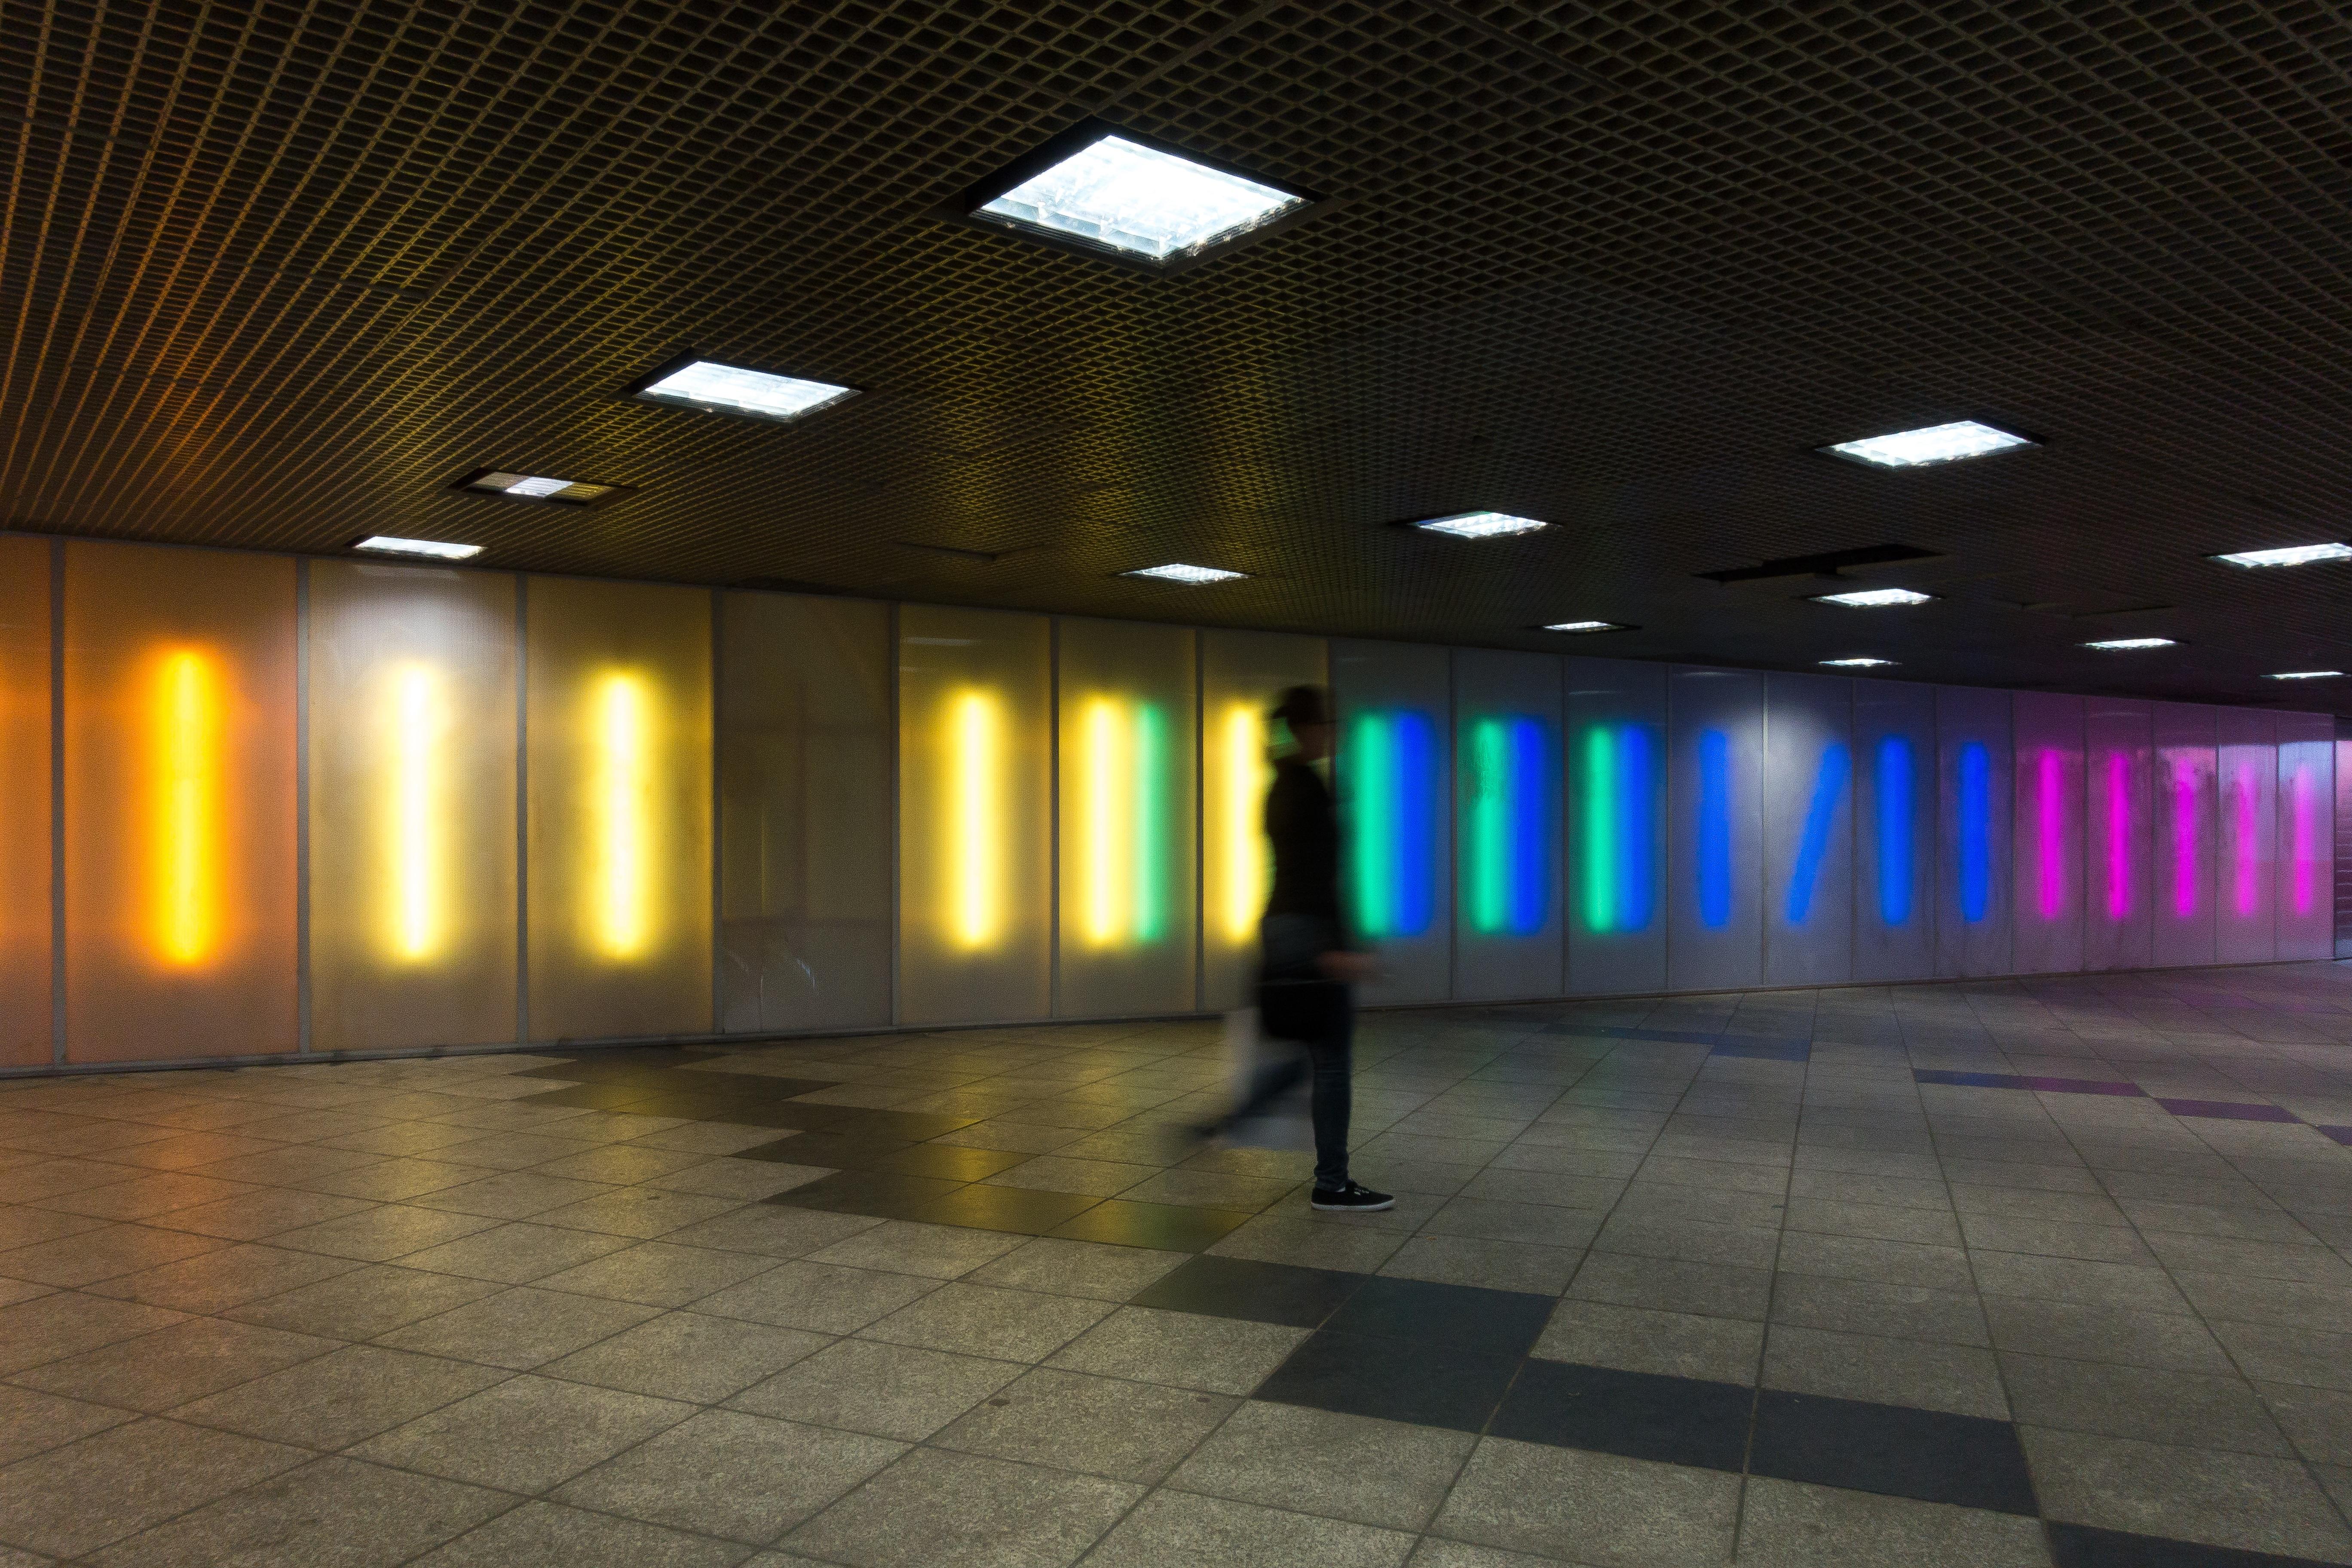 Gratis Afbeeldingen : voetganger, persoon, licht, vrouw, nacht ...